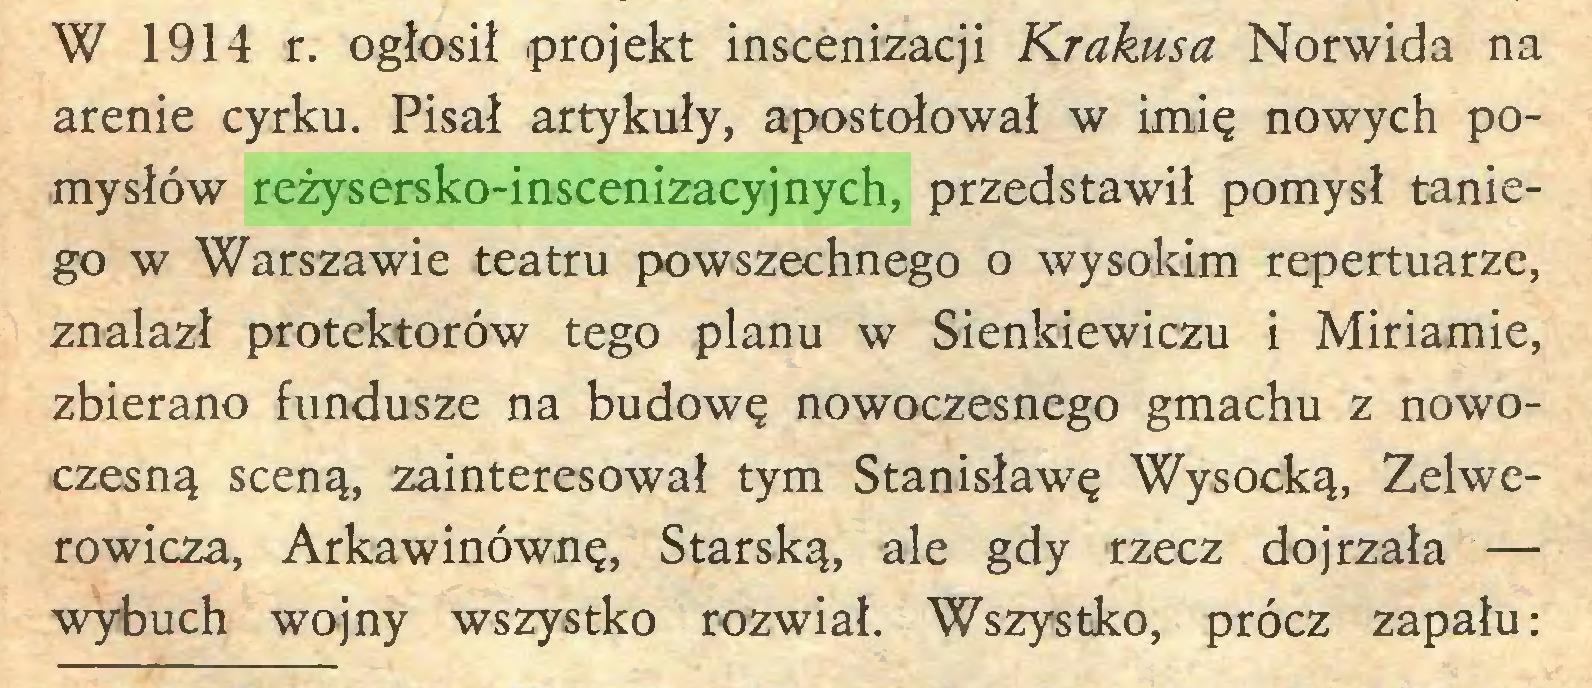 (...) W 1914 r. ogłosił projekt inscenizacji Krakusa Norwida na arenie cyrku. Pisał artykuły, apostołował w imię nowych pomysłów reżysersko-inscenizacyjnych, przedstawił pomysł taniego w Warszawie teatru powszechnego o wysokim repertuarze, znalazł protektorów tego planu w Sienkiewiczu i Miriamie, zbierano fundusze na budowę nowoczesnego gmachu z nowoczesną sceną, zainteresował tym Stanisławę Wysocką, Zelwerowicza, Arkawinównę, Starską, ale gdy rzecz dojrzała — wybuch wojny wszystko rozwiał. Wszystko, prócz zapału:...